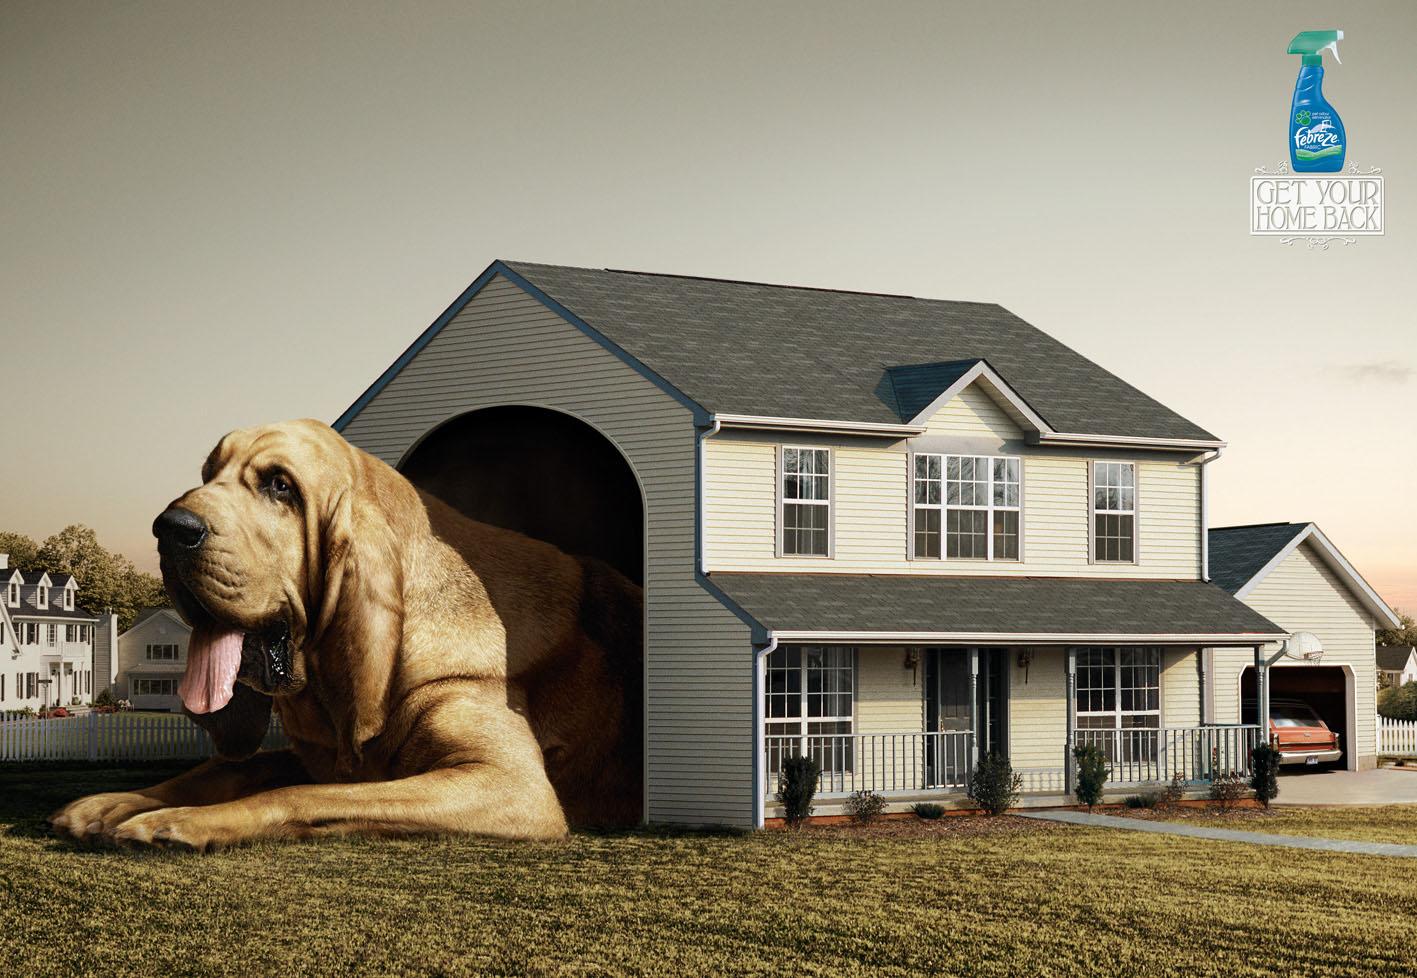 https://i2.wp.com/www.ibelieveinadv.com/commons/doghouse_febreze.jpg